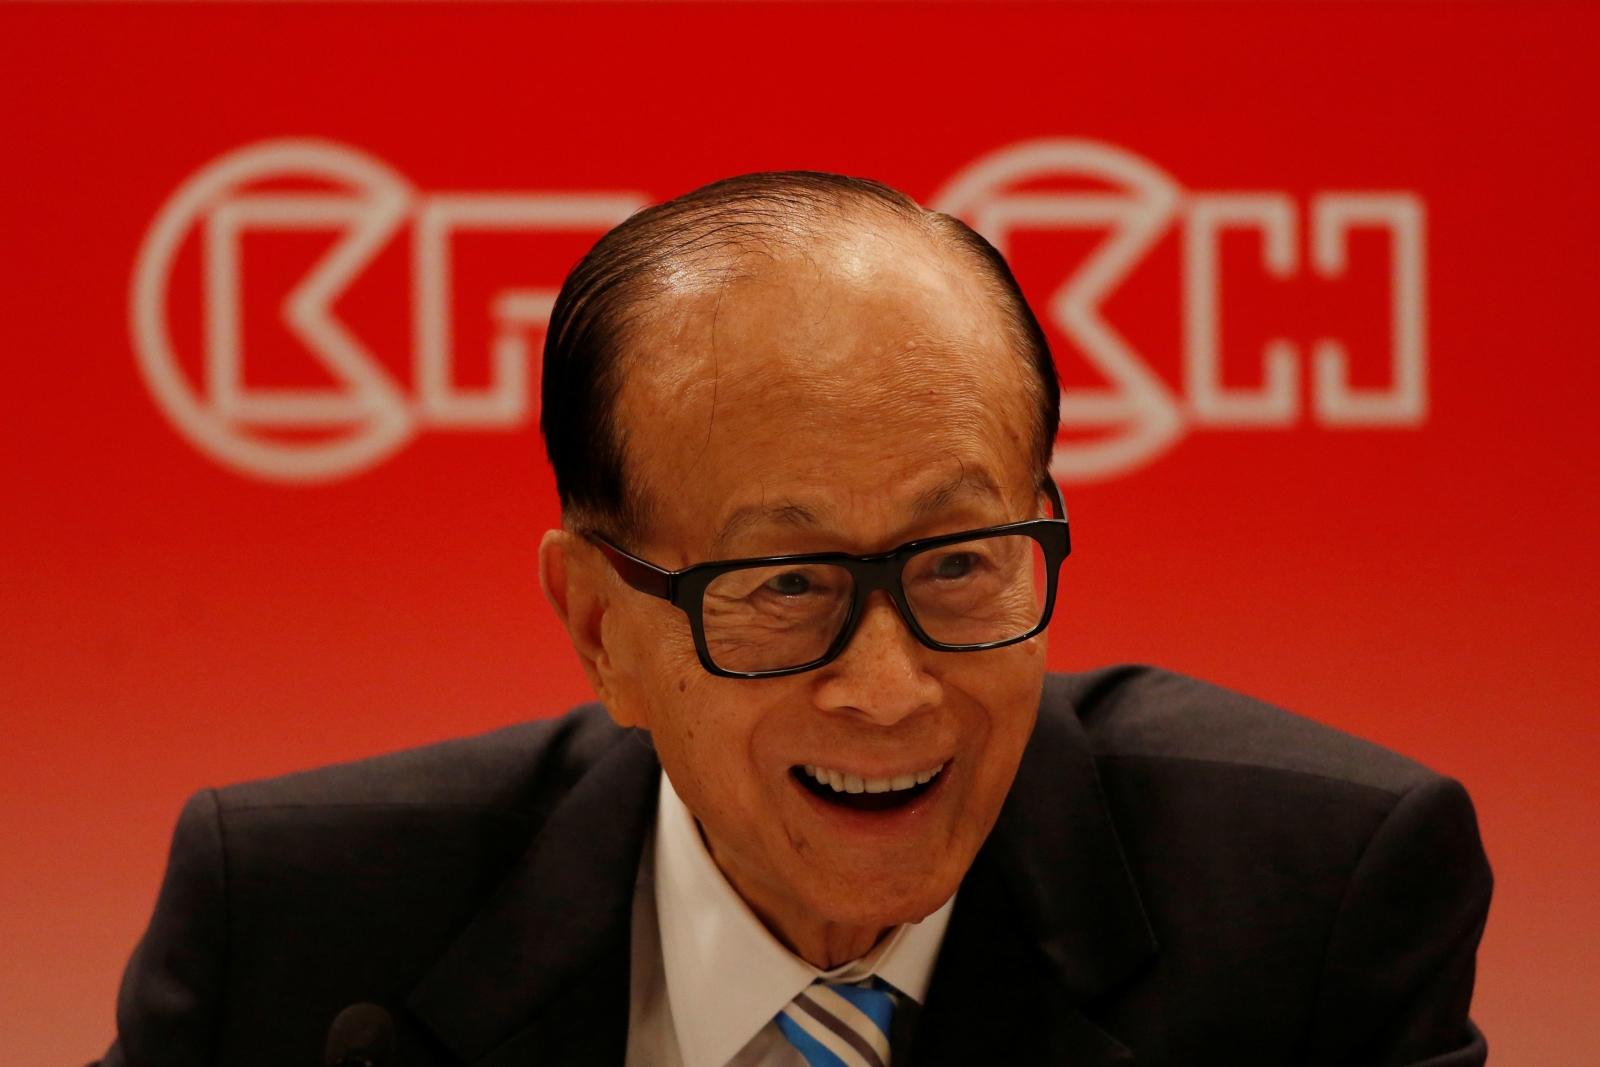 Li Ka-shing photo